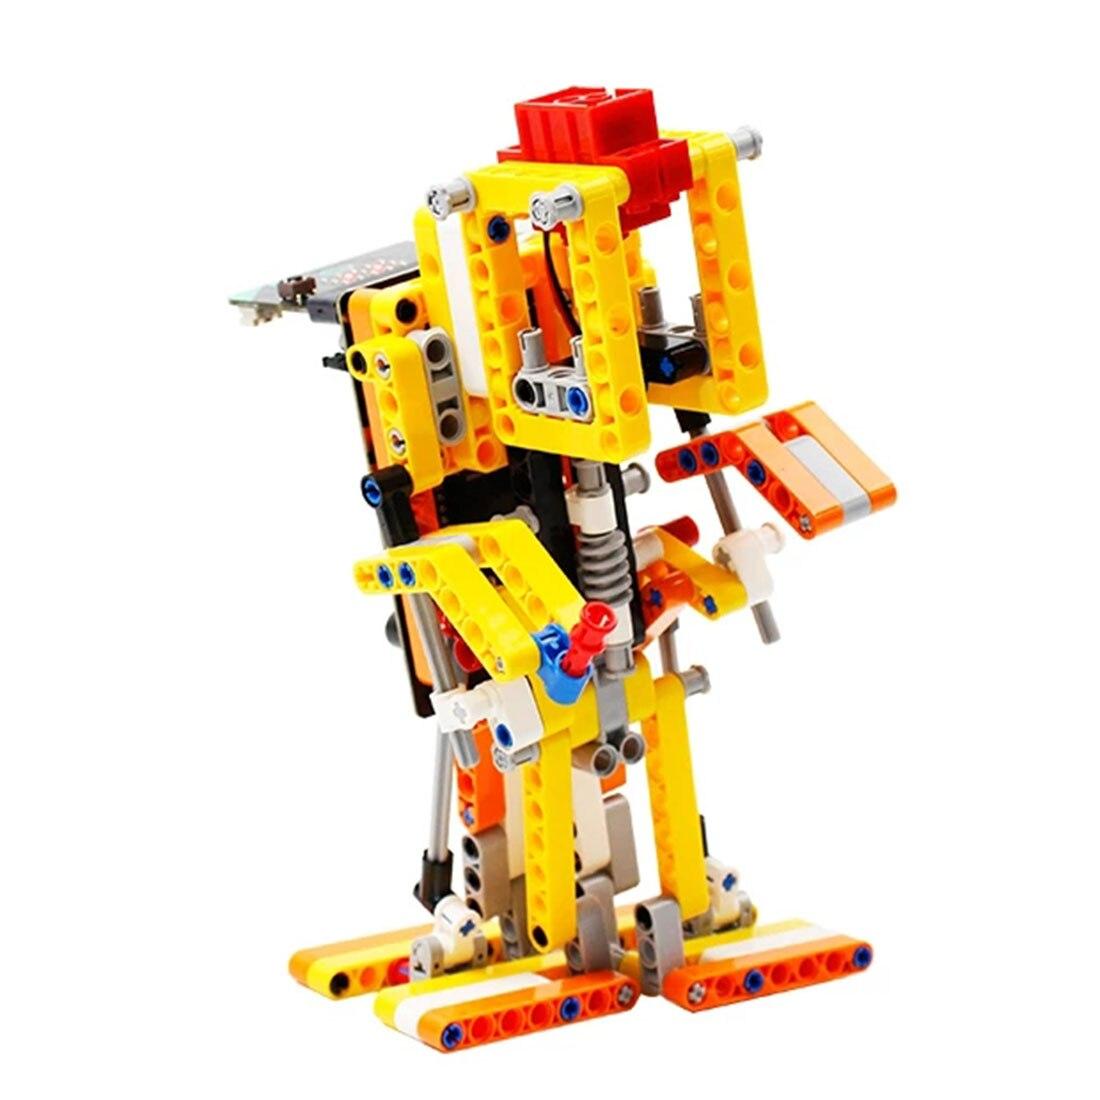 Program Intelligent Walking Robot Kit Steam Programming Education Robot For Micro:Bit Programable Toys For Men Kids Gift